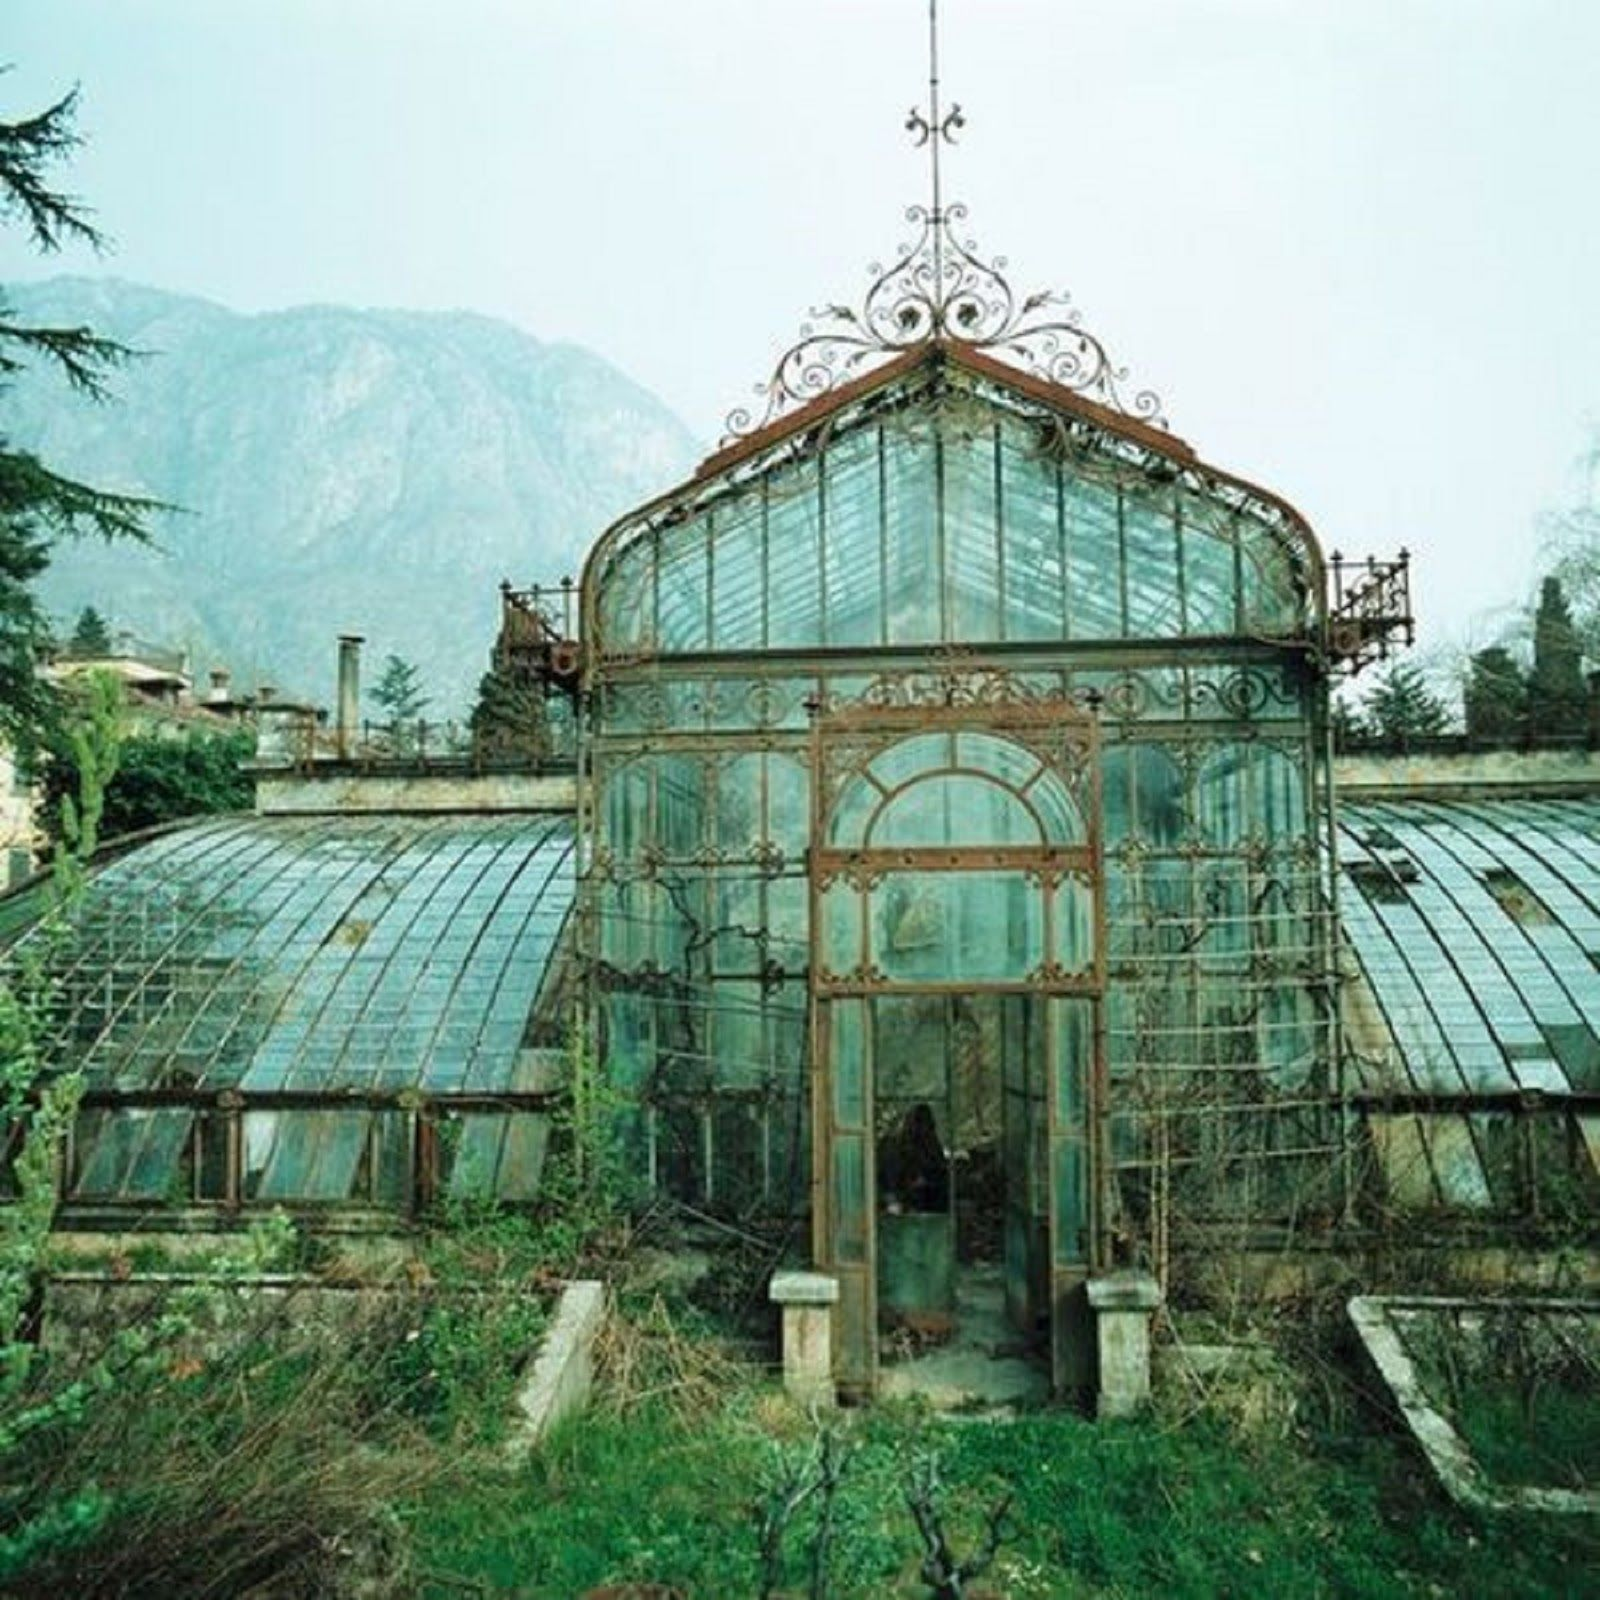 Es Gab Ein Haus Aus Glas Und Es Wurde Von Einem Garten Umgeben Der